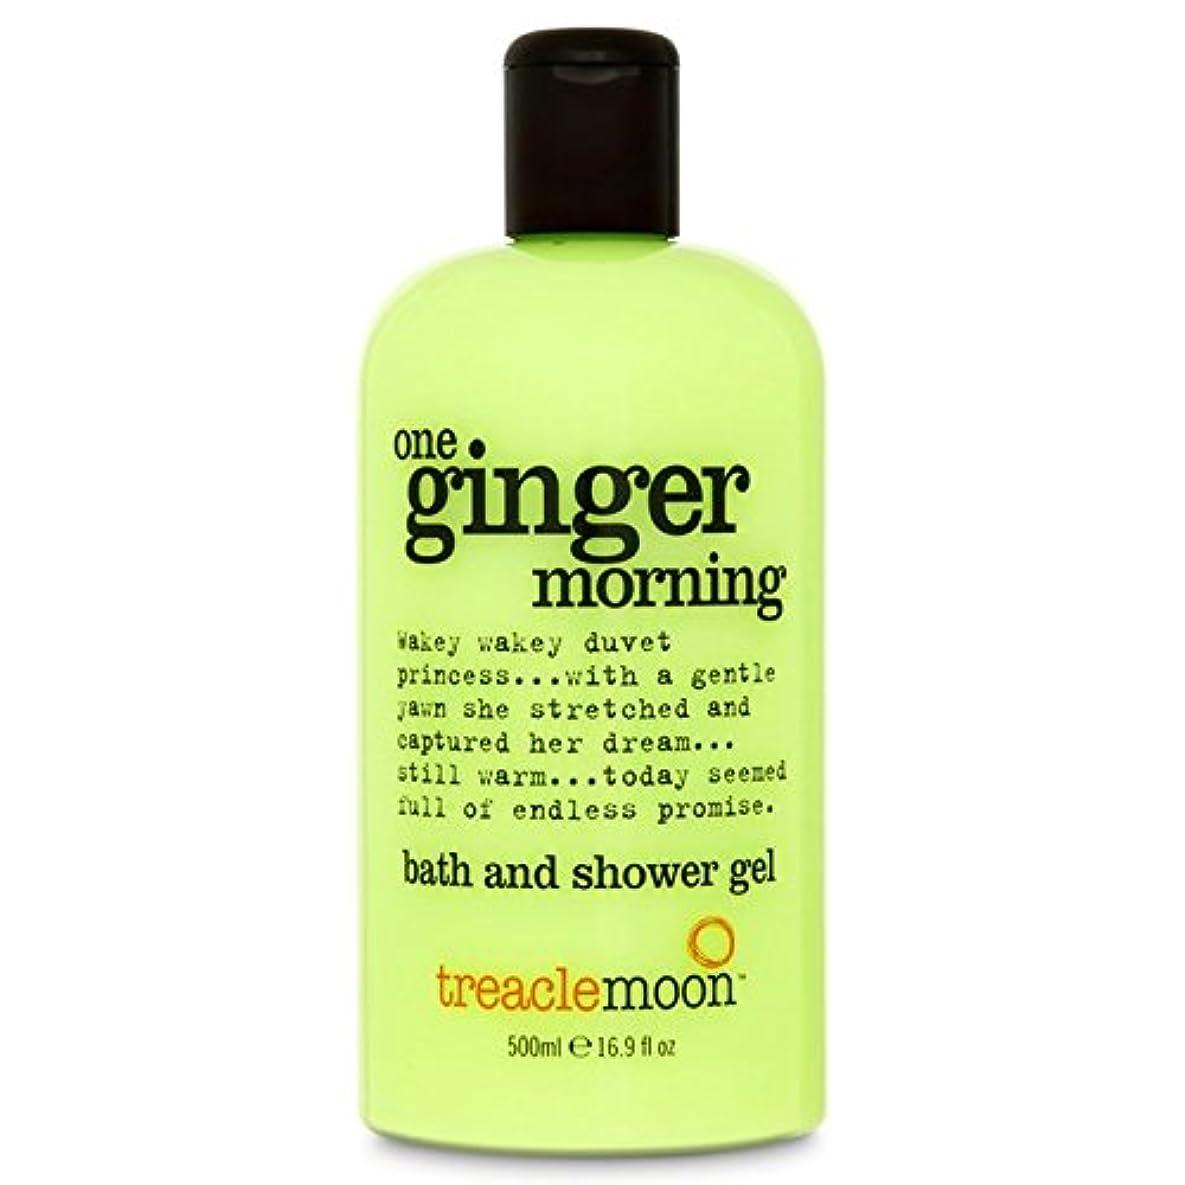 勘違いする弾丸差別Treacle Moon Ginger Bath & Shower Gel 500ml (Pack of 6) - 糖蜜ムーンジンジャーバス&シャワージェル500ミリリットル x6 [並行輸入品]